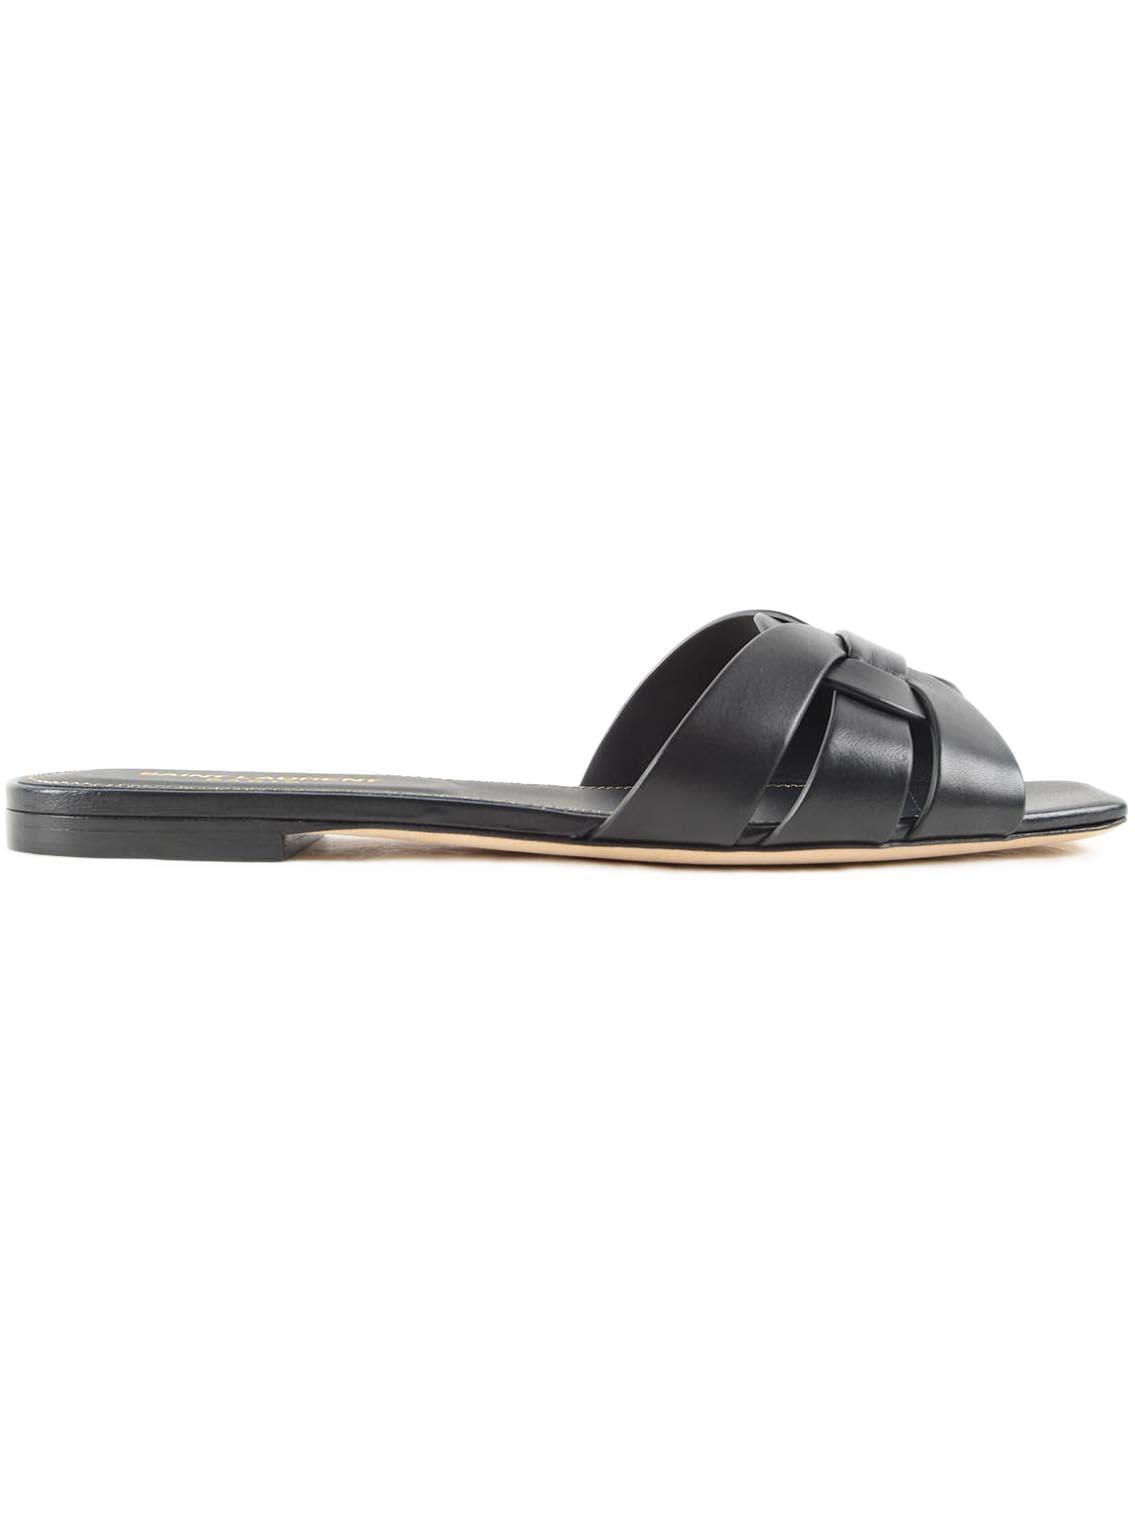 f75d9ba0655 Saint Laurent Nu Pieds Slide Sandal - Black - 10807741